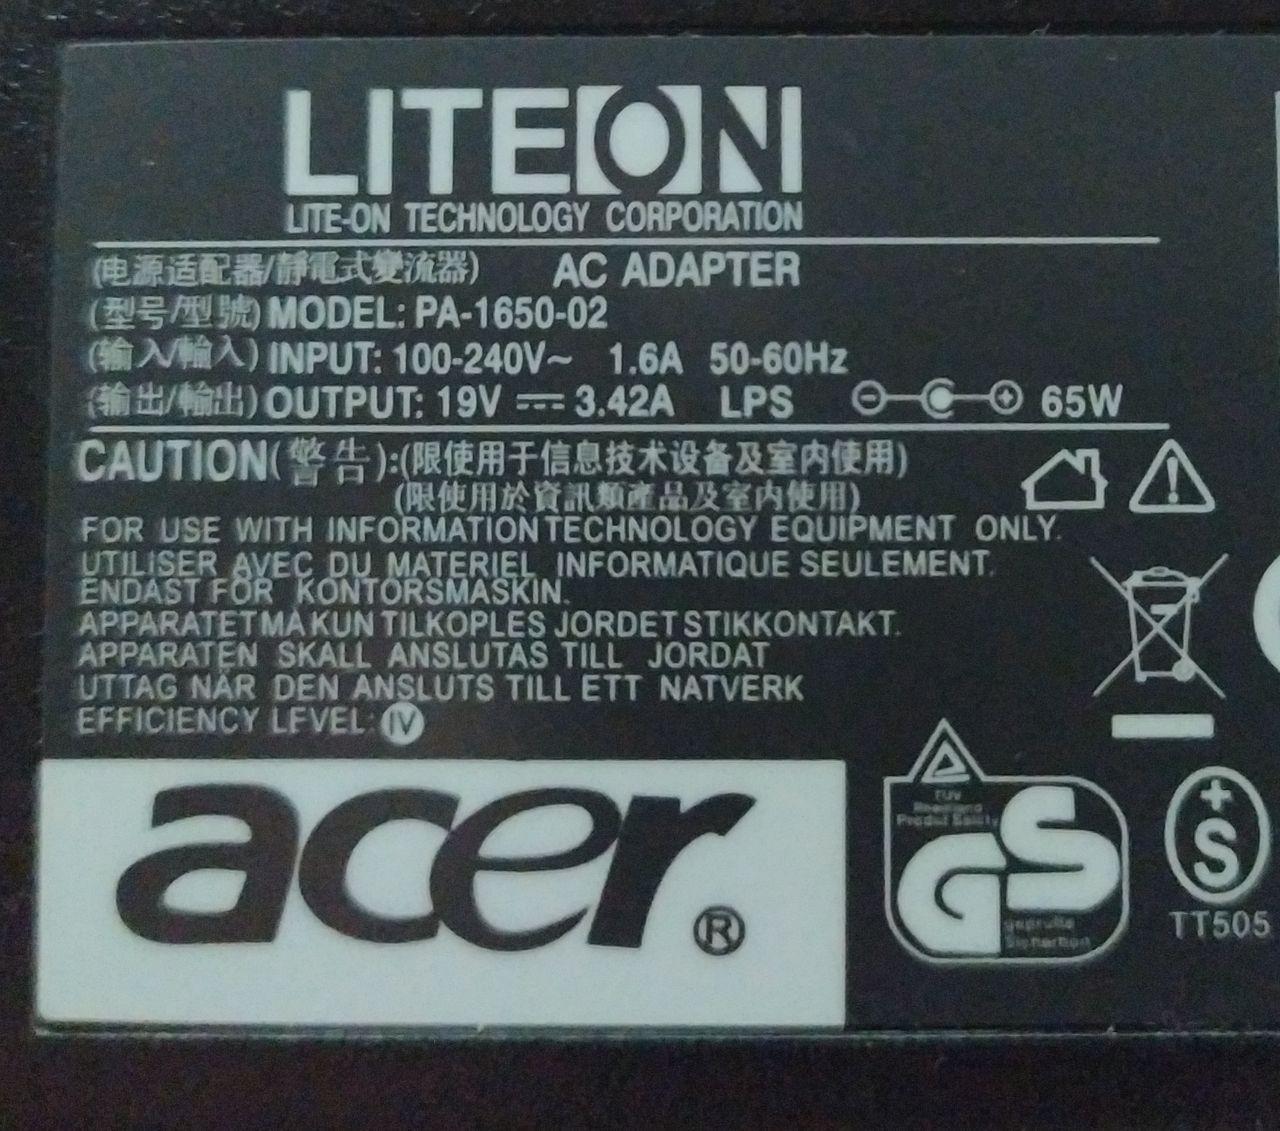 acer battery input output - Как работает быстрая зарядка на смартфонах? Особенности входного и выходного напряжения